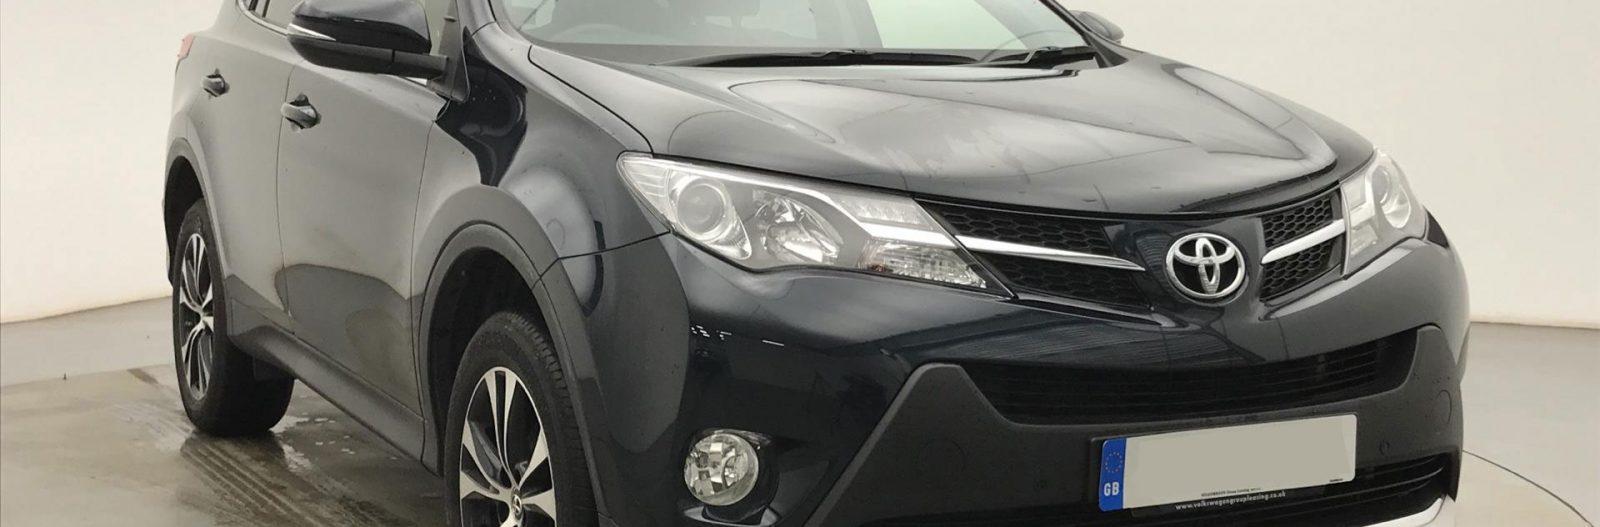 Toyota Rav 4 – Front